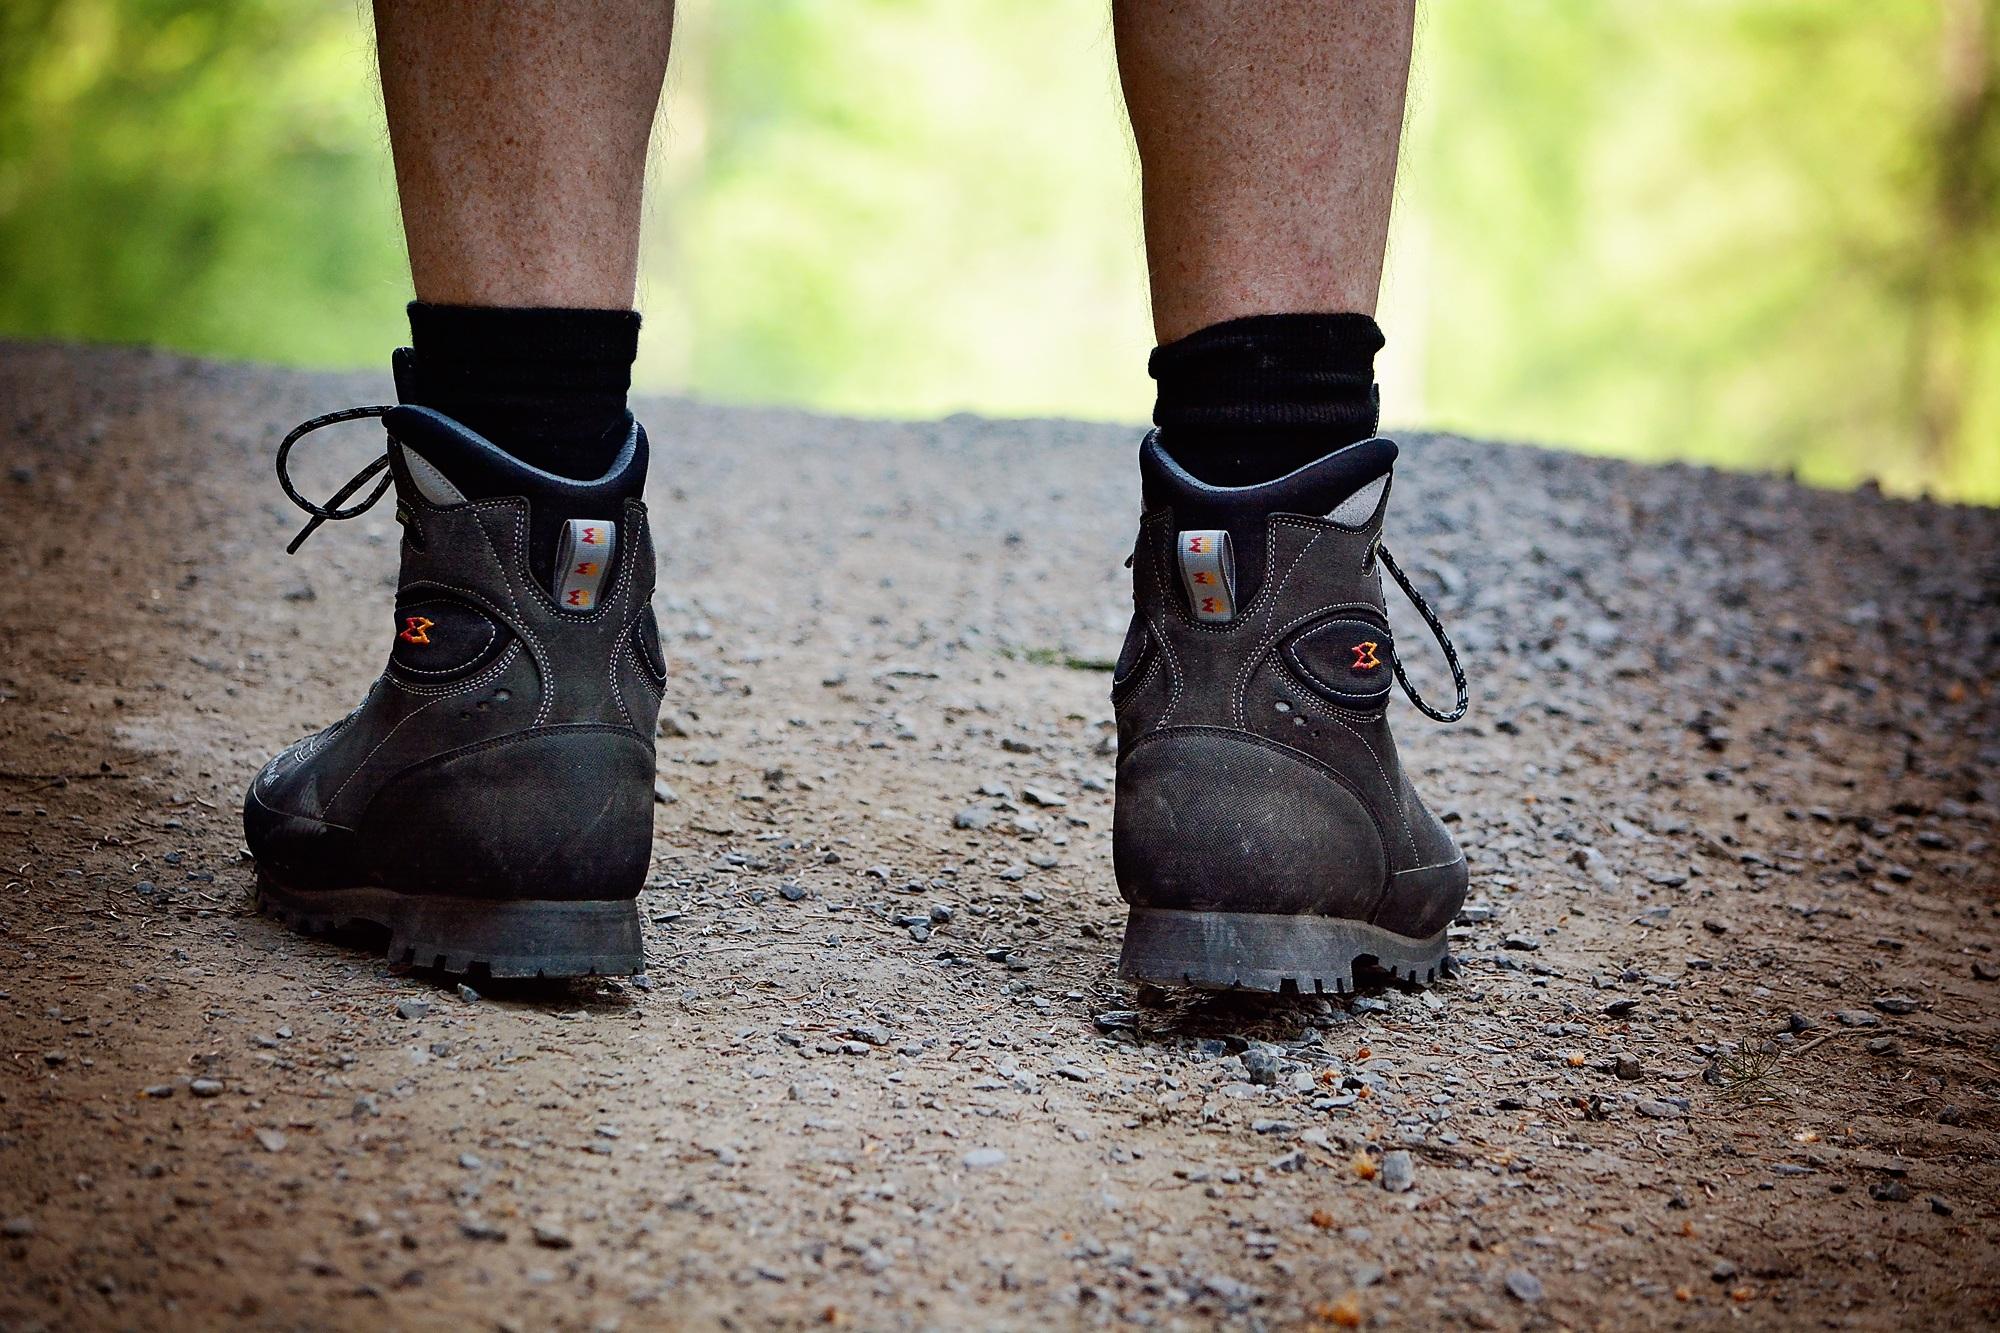 ещё картинки ноги с ботинками настроены только самостоятельную